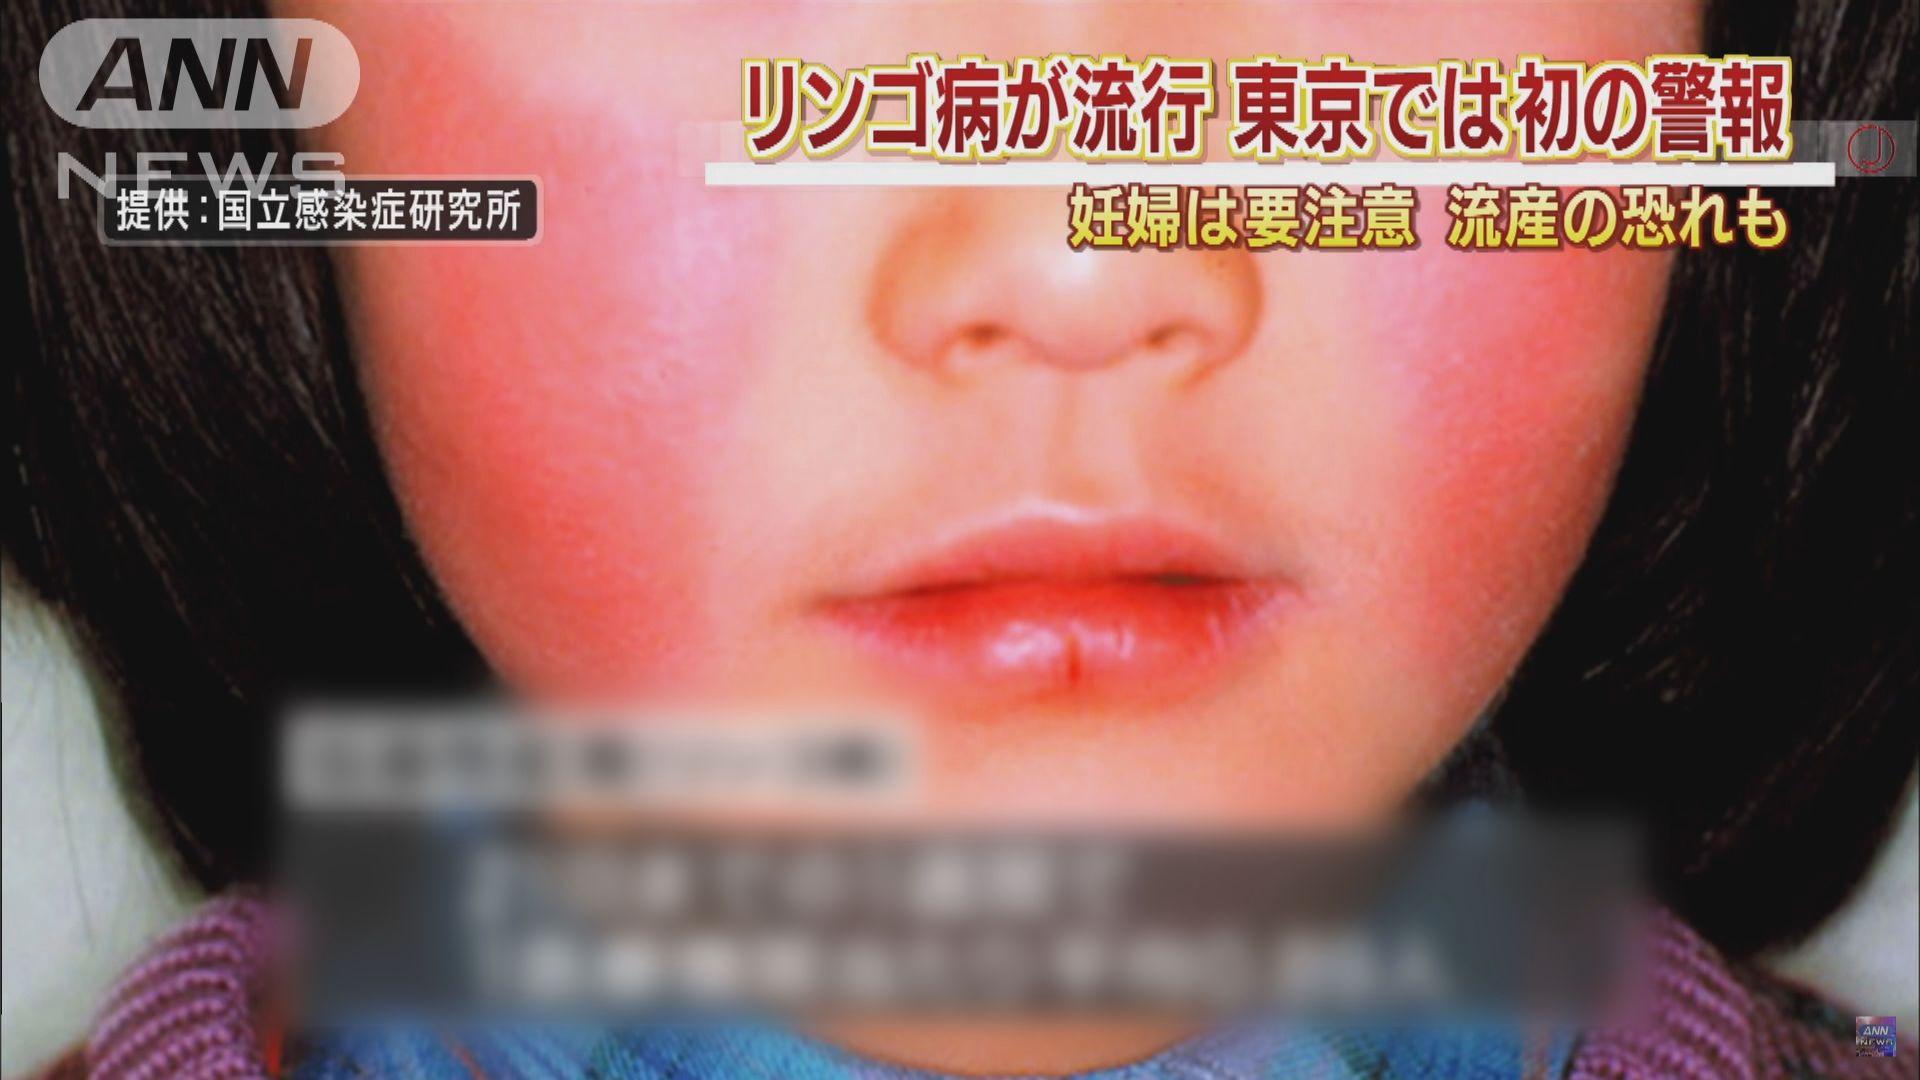 【環球薈報】蘋果病正在日本各地流行